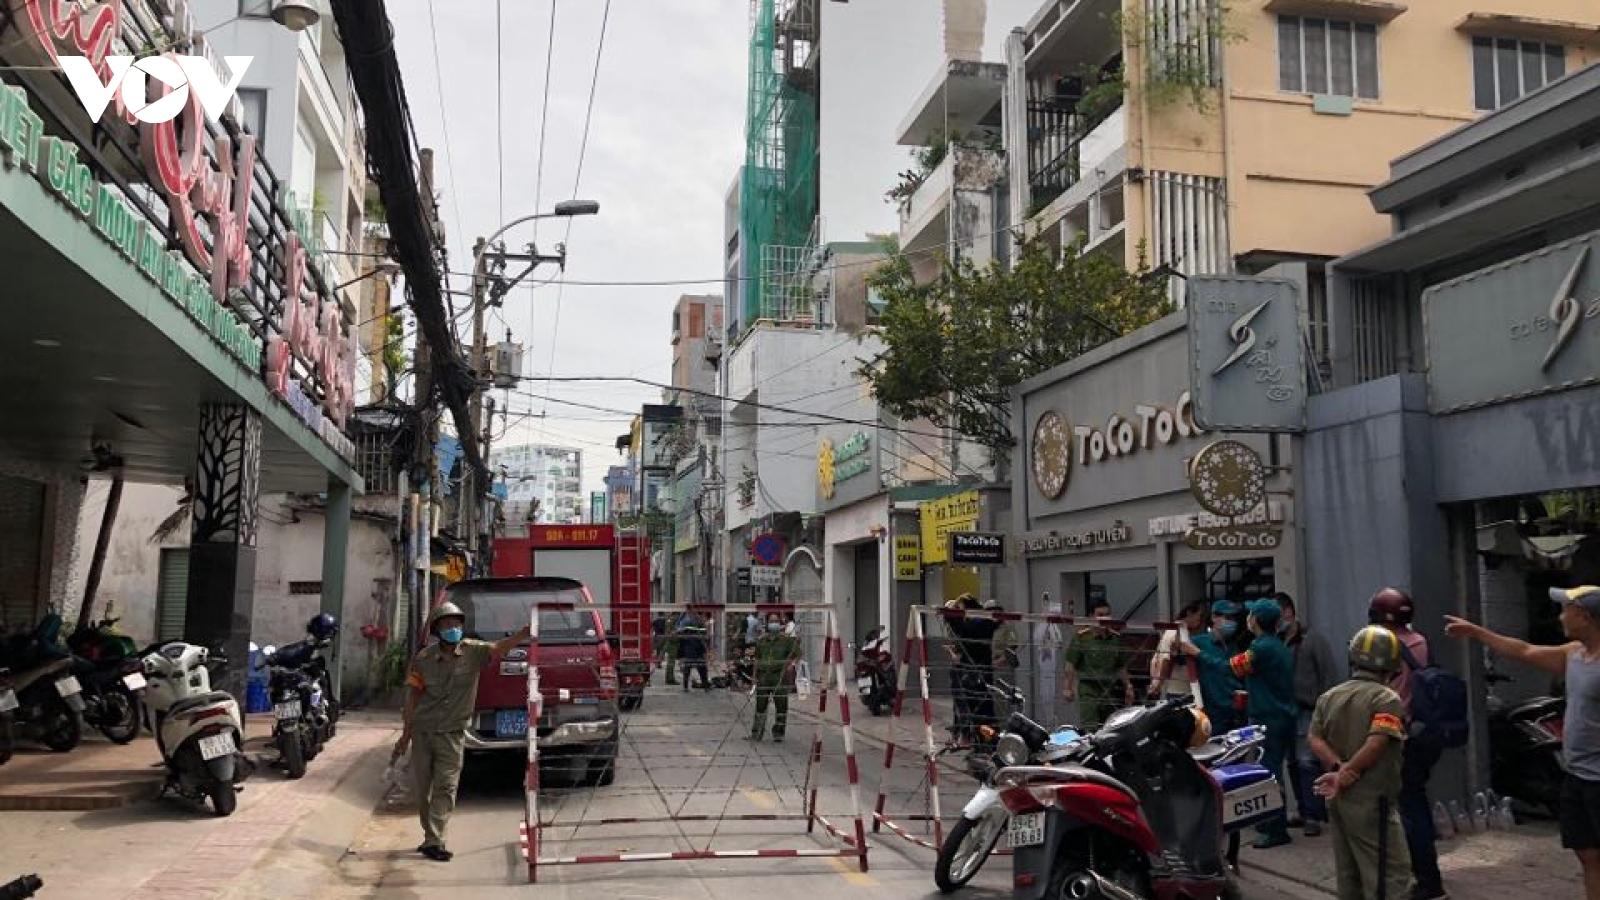 Phong tỏa một đoạn đường Nguyễn Trọng Tuyển, TP HCM sau vụ nổ